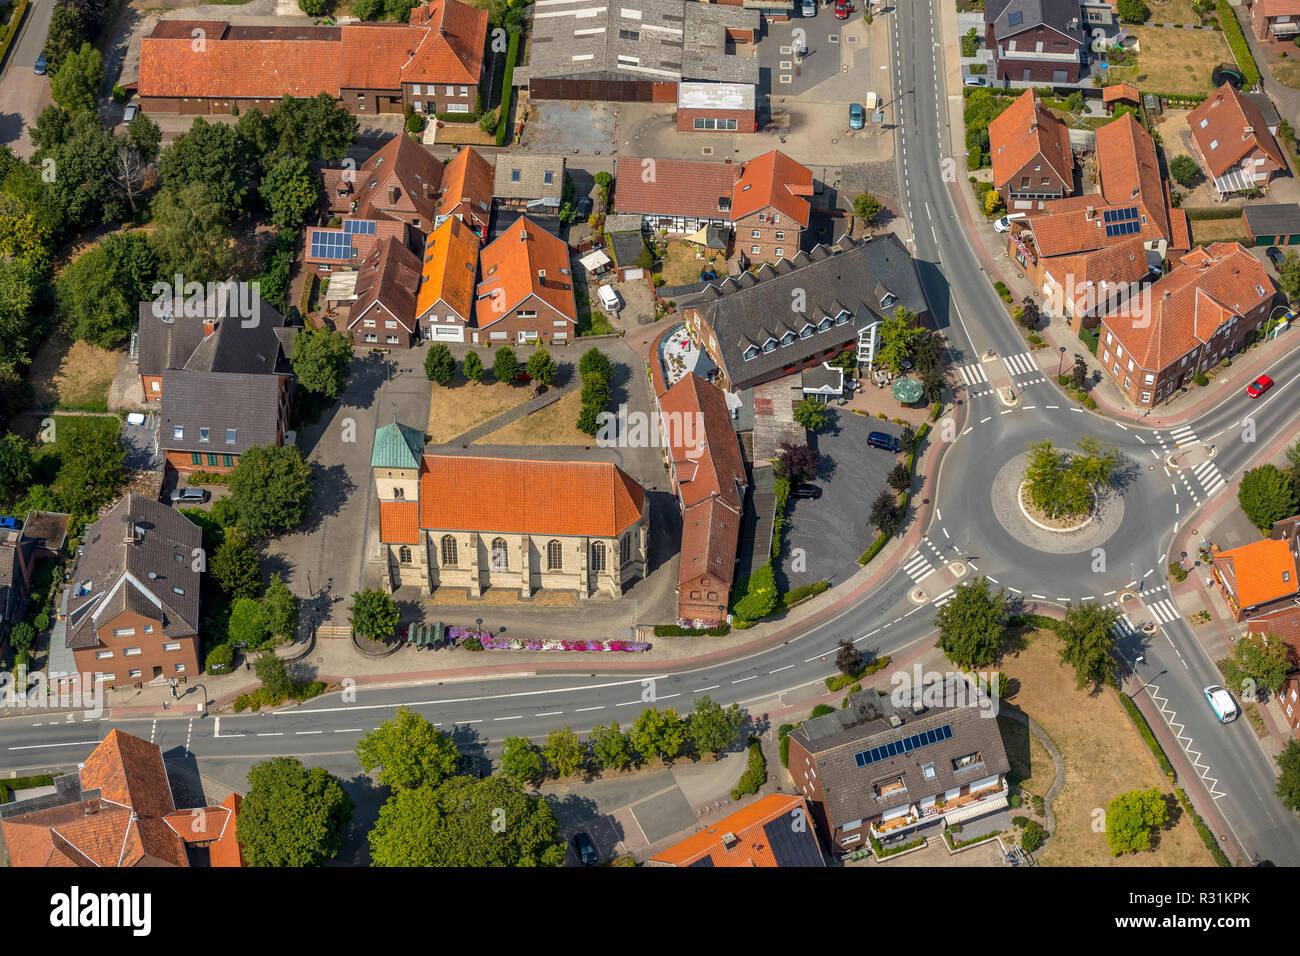 Luftbild, Katholische Filialkirche Sankt Agatha, Alverskirchen, Everswinkel, Kreis Warendorf, Ruhrgebiet, Nordrhein-Westfalen, Deutschland, Europa, DE - Stock Image